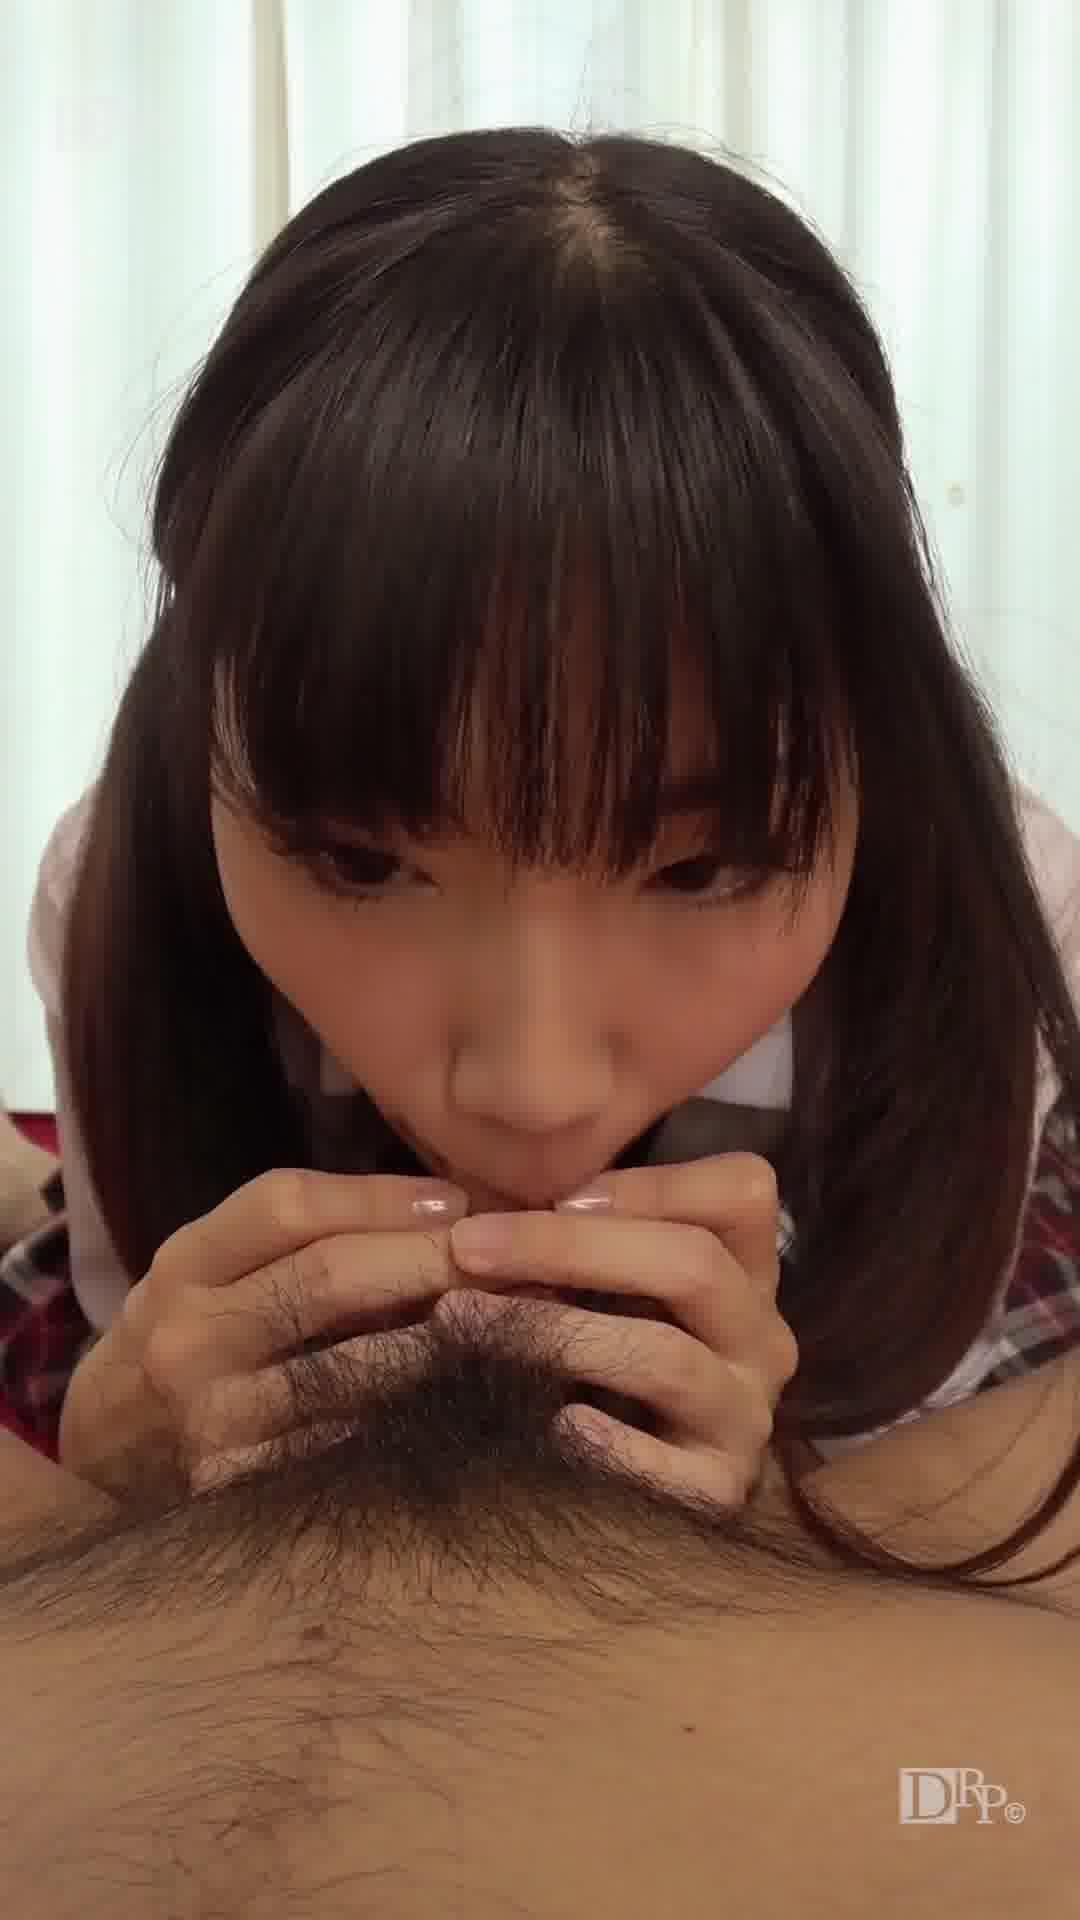 縦型動画 040 ~亀頭にキスする可愛いフェラ~ - 今村加奈子【美乳・手コキ・フェラ】